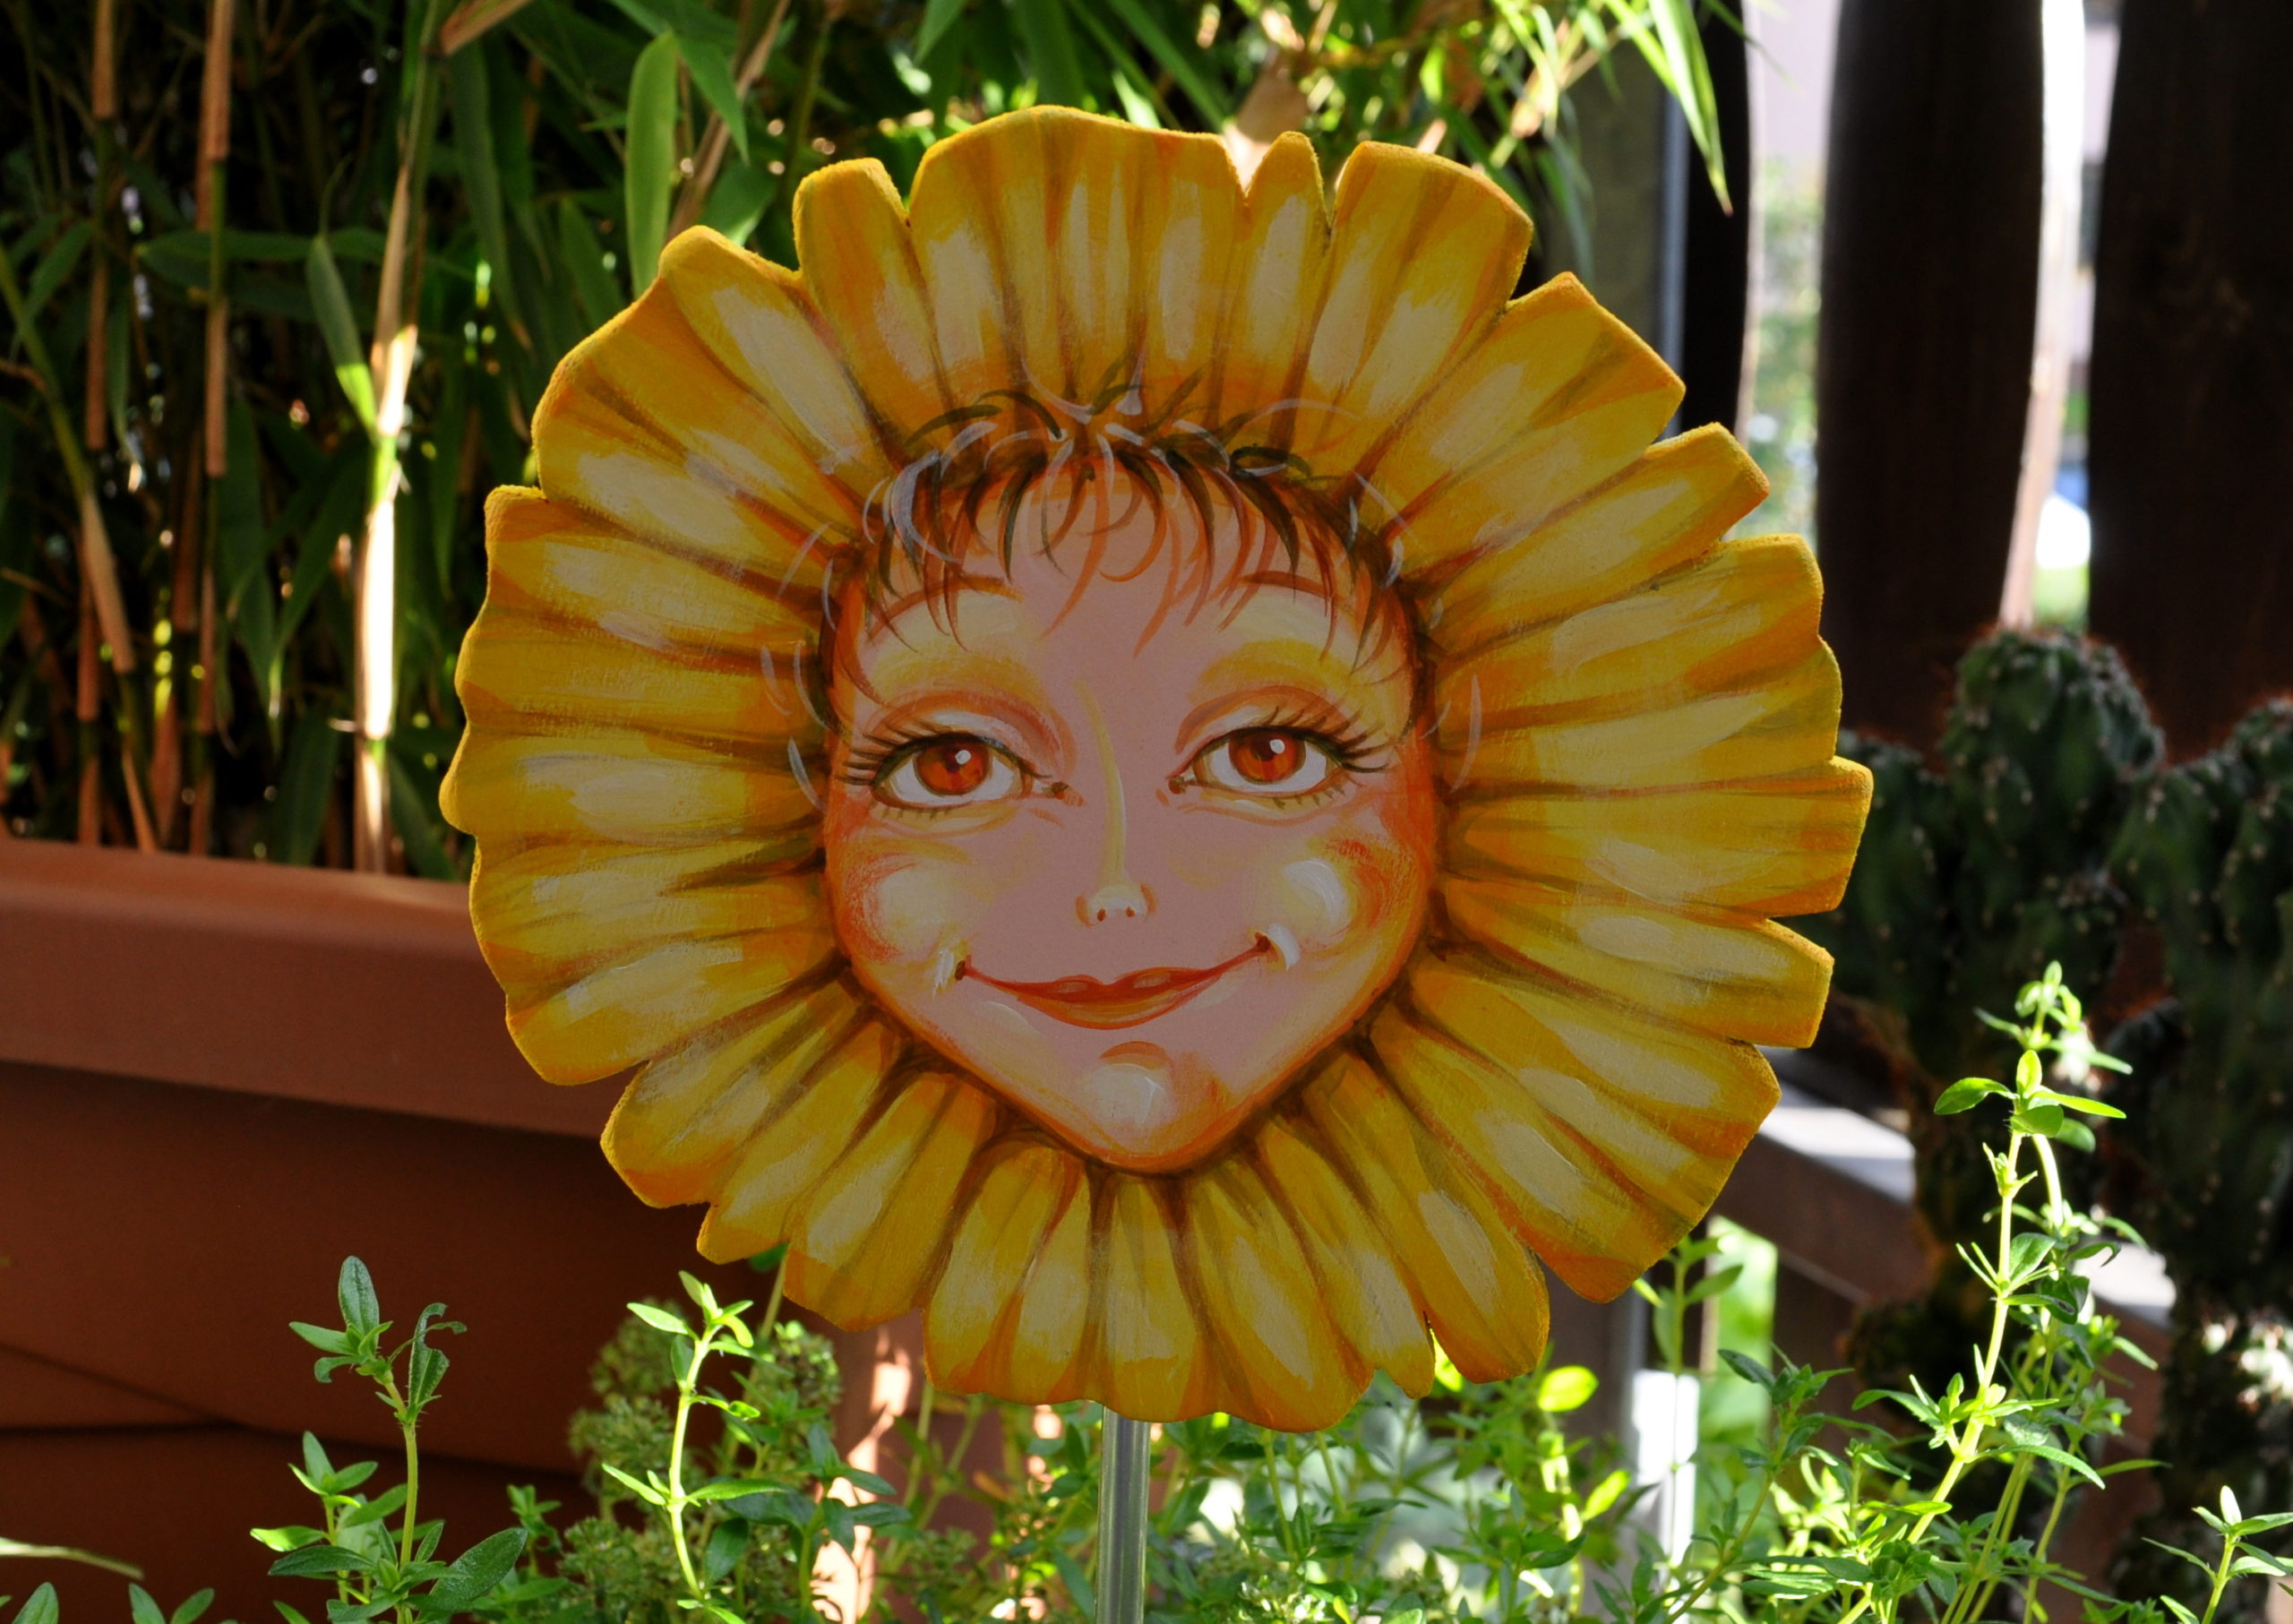 Blumenmädchen sonnenfreude